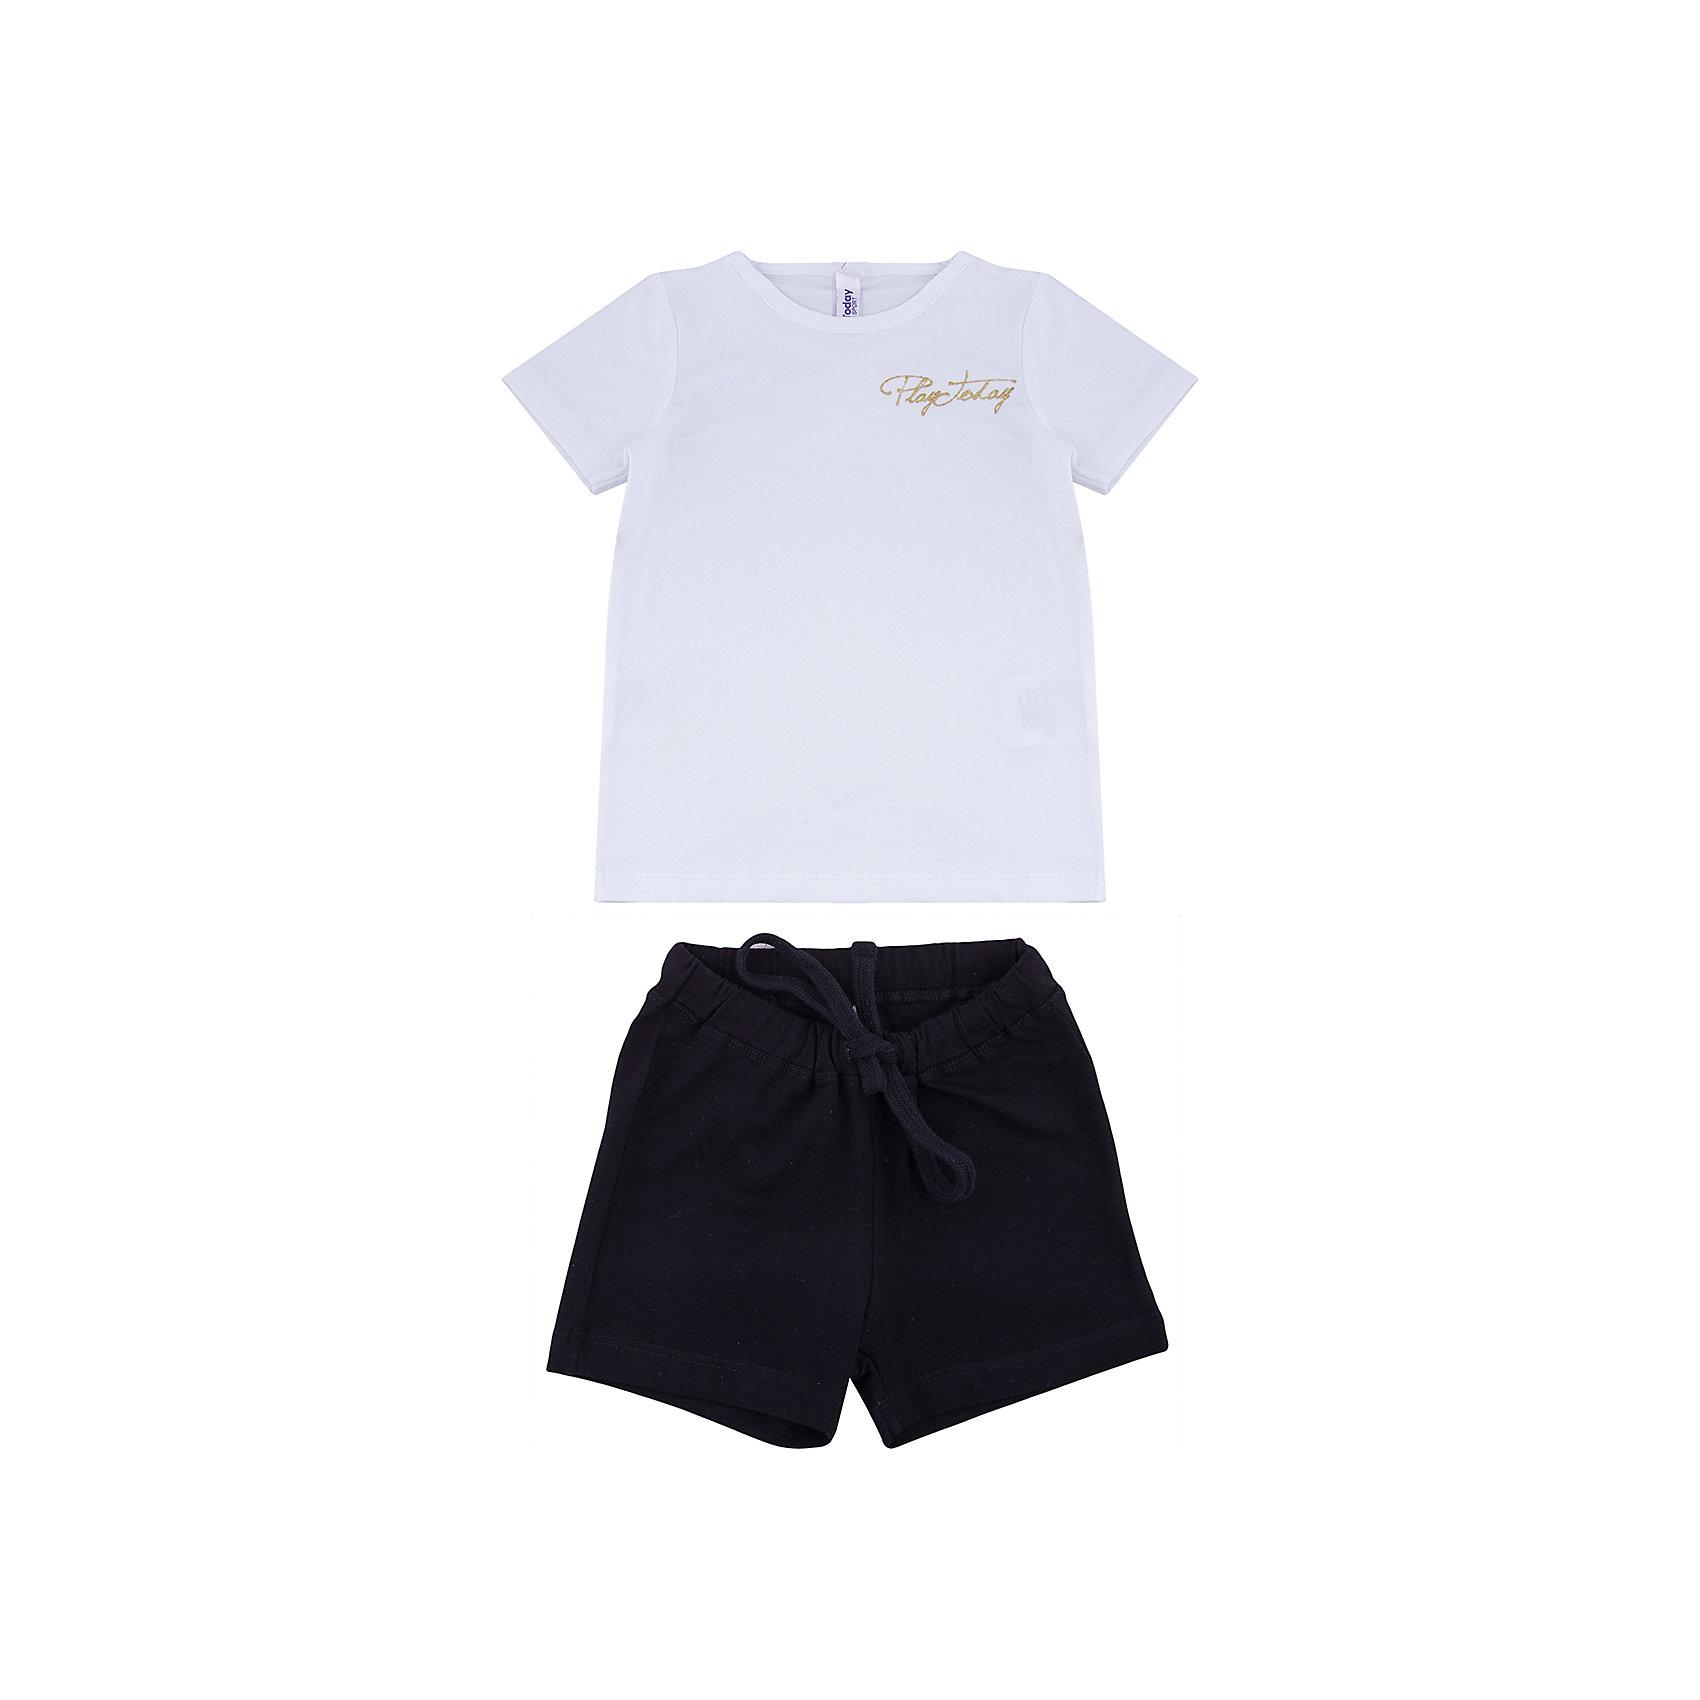 Комплект: футболка и шорты PlayToday для девочкиКомплекты<br>Комплект: футболка и шорты PlayToday для девочки<br>Классический комплект из белой футболки и черных шорт прекрасно подойдет для занятий спортом. Добавление в материал эластана позволяет комплекту хорошо сесть по фигуре. Пояс шорт на мягкой широкой резинке, не сдавливающей живот ребенка, дополнен регулируемым шнуром - кулиской. На футболке в качестве декора использован небольшой принт.<br>Состав:<br>95% хлопок, 5% эластан<br><br>Ширина мм: 199<br>Глубина мм: 10<br>Высота мм: 161<br>Вес г: 151<br>Цвет: белый<br>Возраст от месяцев: 108<br>Возраст до месяцев: 120<br>Пол: Женский<br>Возраст: Детский<br>Размер: 140,98,104,110,116,122,128,134<br>SKU: 7107424